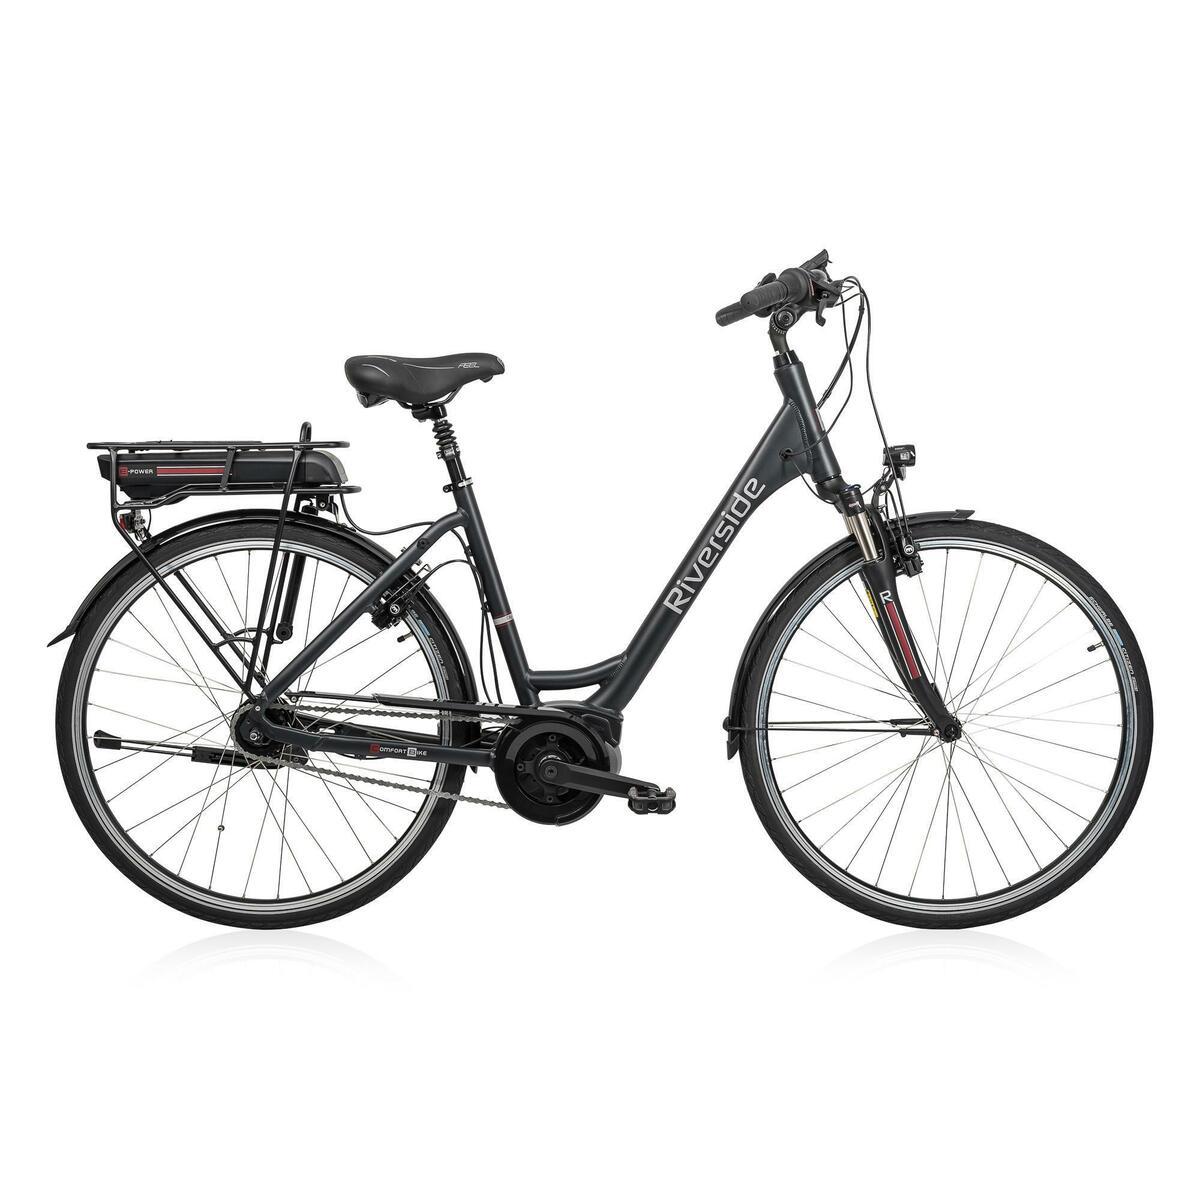 Bild 1 von E-Bike 28 Riverside City Nexus 8 Active Plus 400 Wh Rücktritt anthtrazit